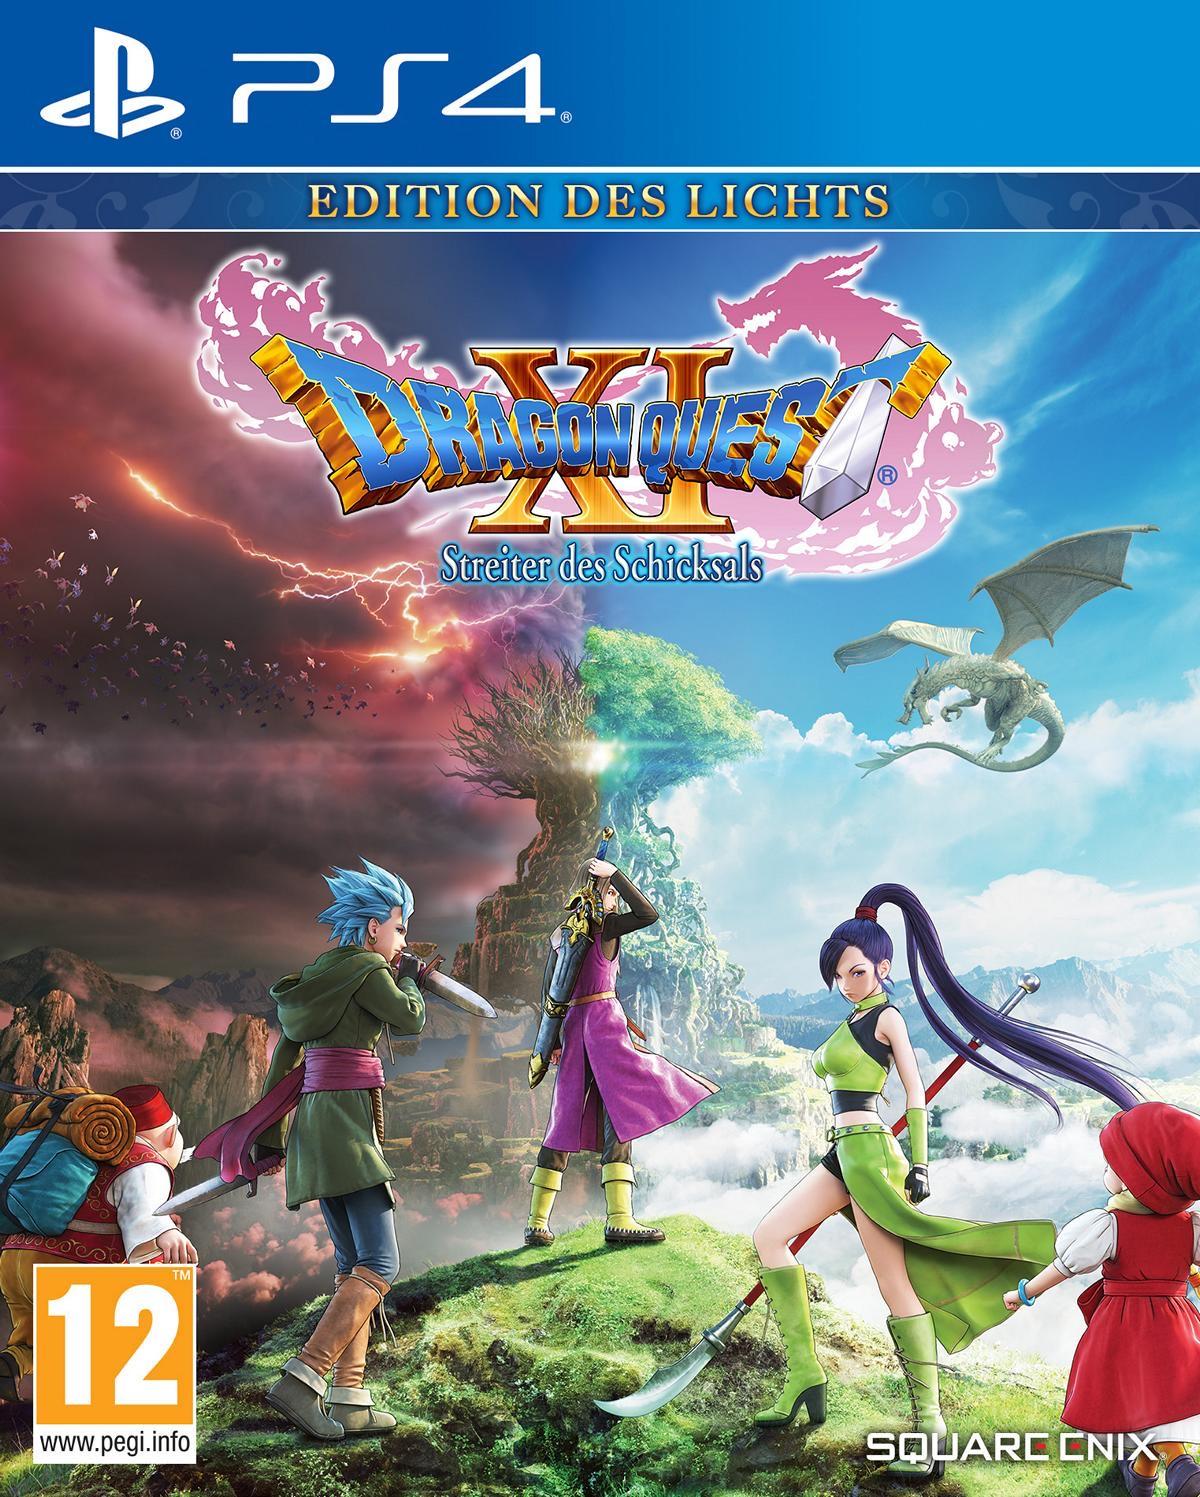 Dragon Quest XI: Streiter des Schicksals Edition des Lichts (PS4) für 11,83€ + Vsk / Soulcalibur VI für 8,24€ + Vsk